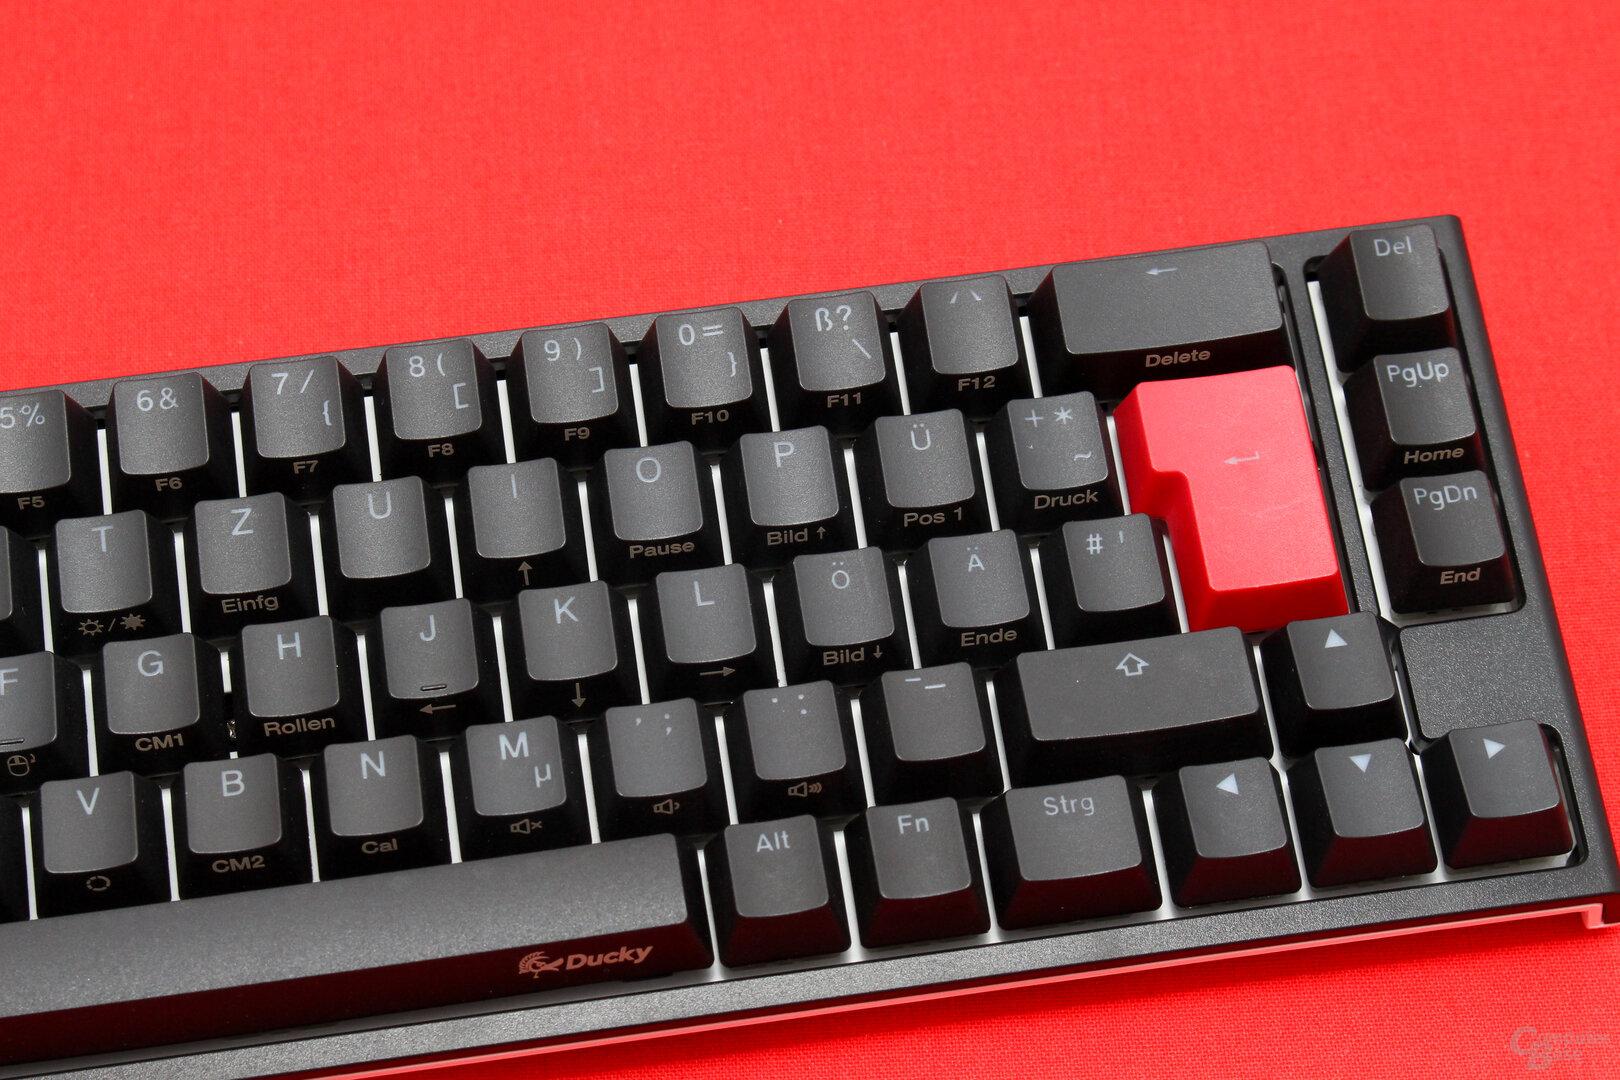 Pfeil-, Bild- und Entf-Tasten sind alles, was vom Funktionsblock einer TKL-Tastatur bleibt